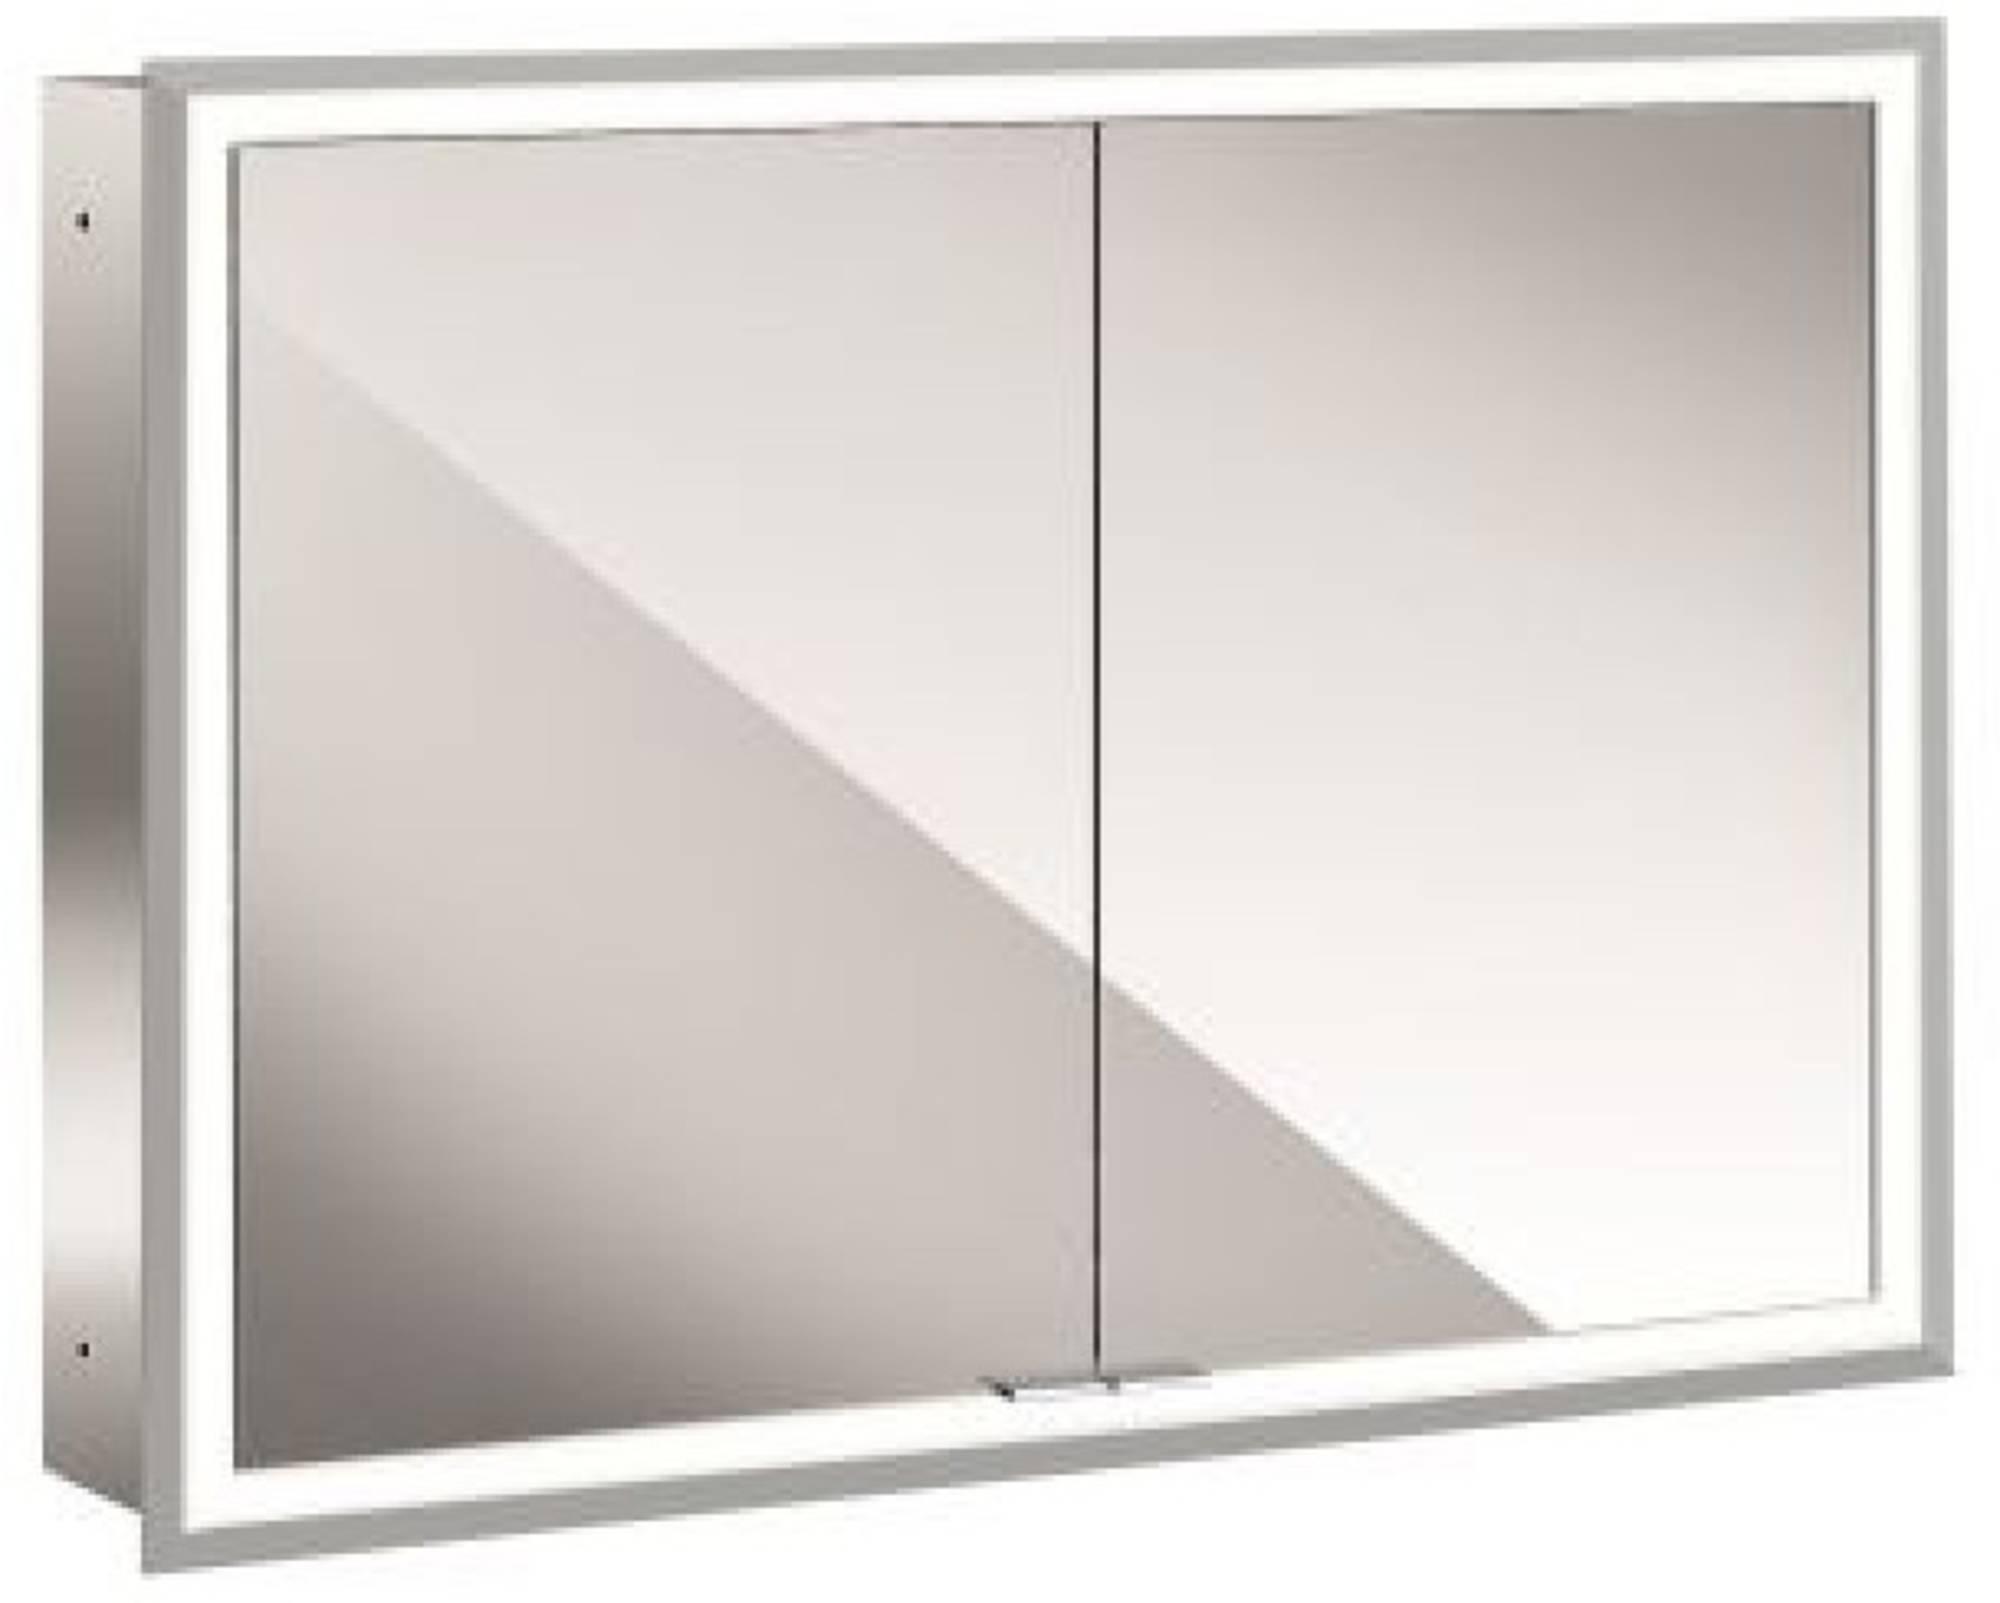 Emco Asis Prima inbouw spiegelkast met led verlichting 103x73 cm